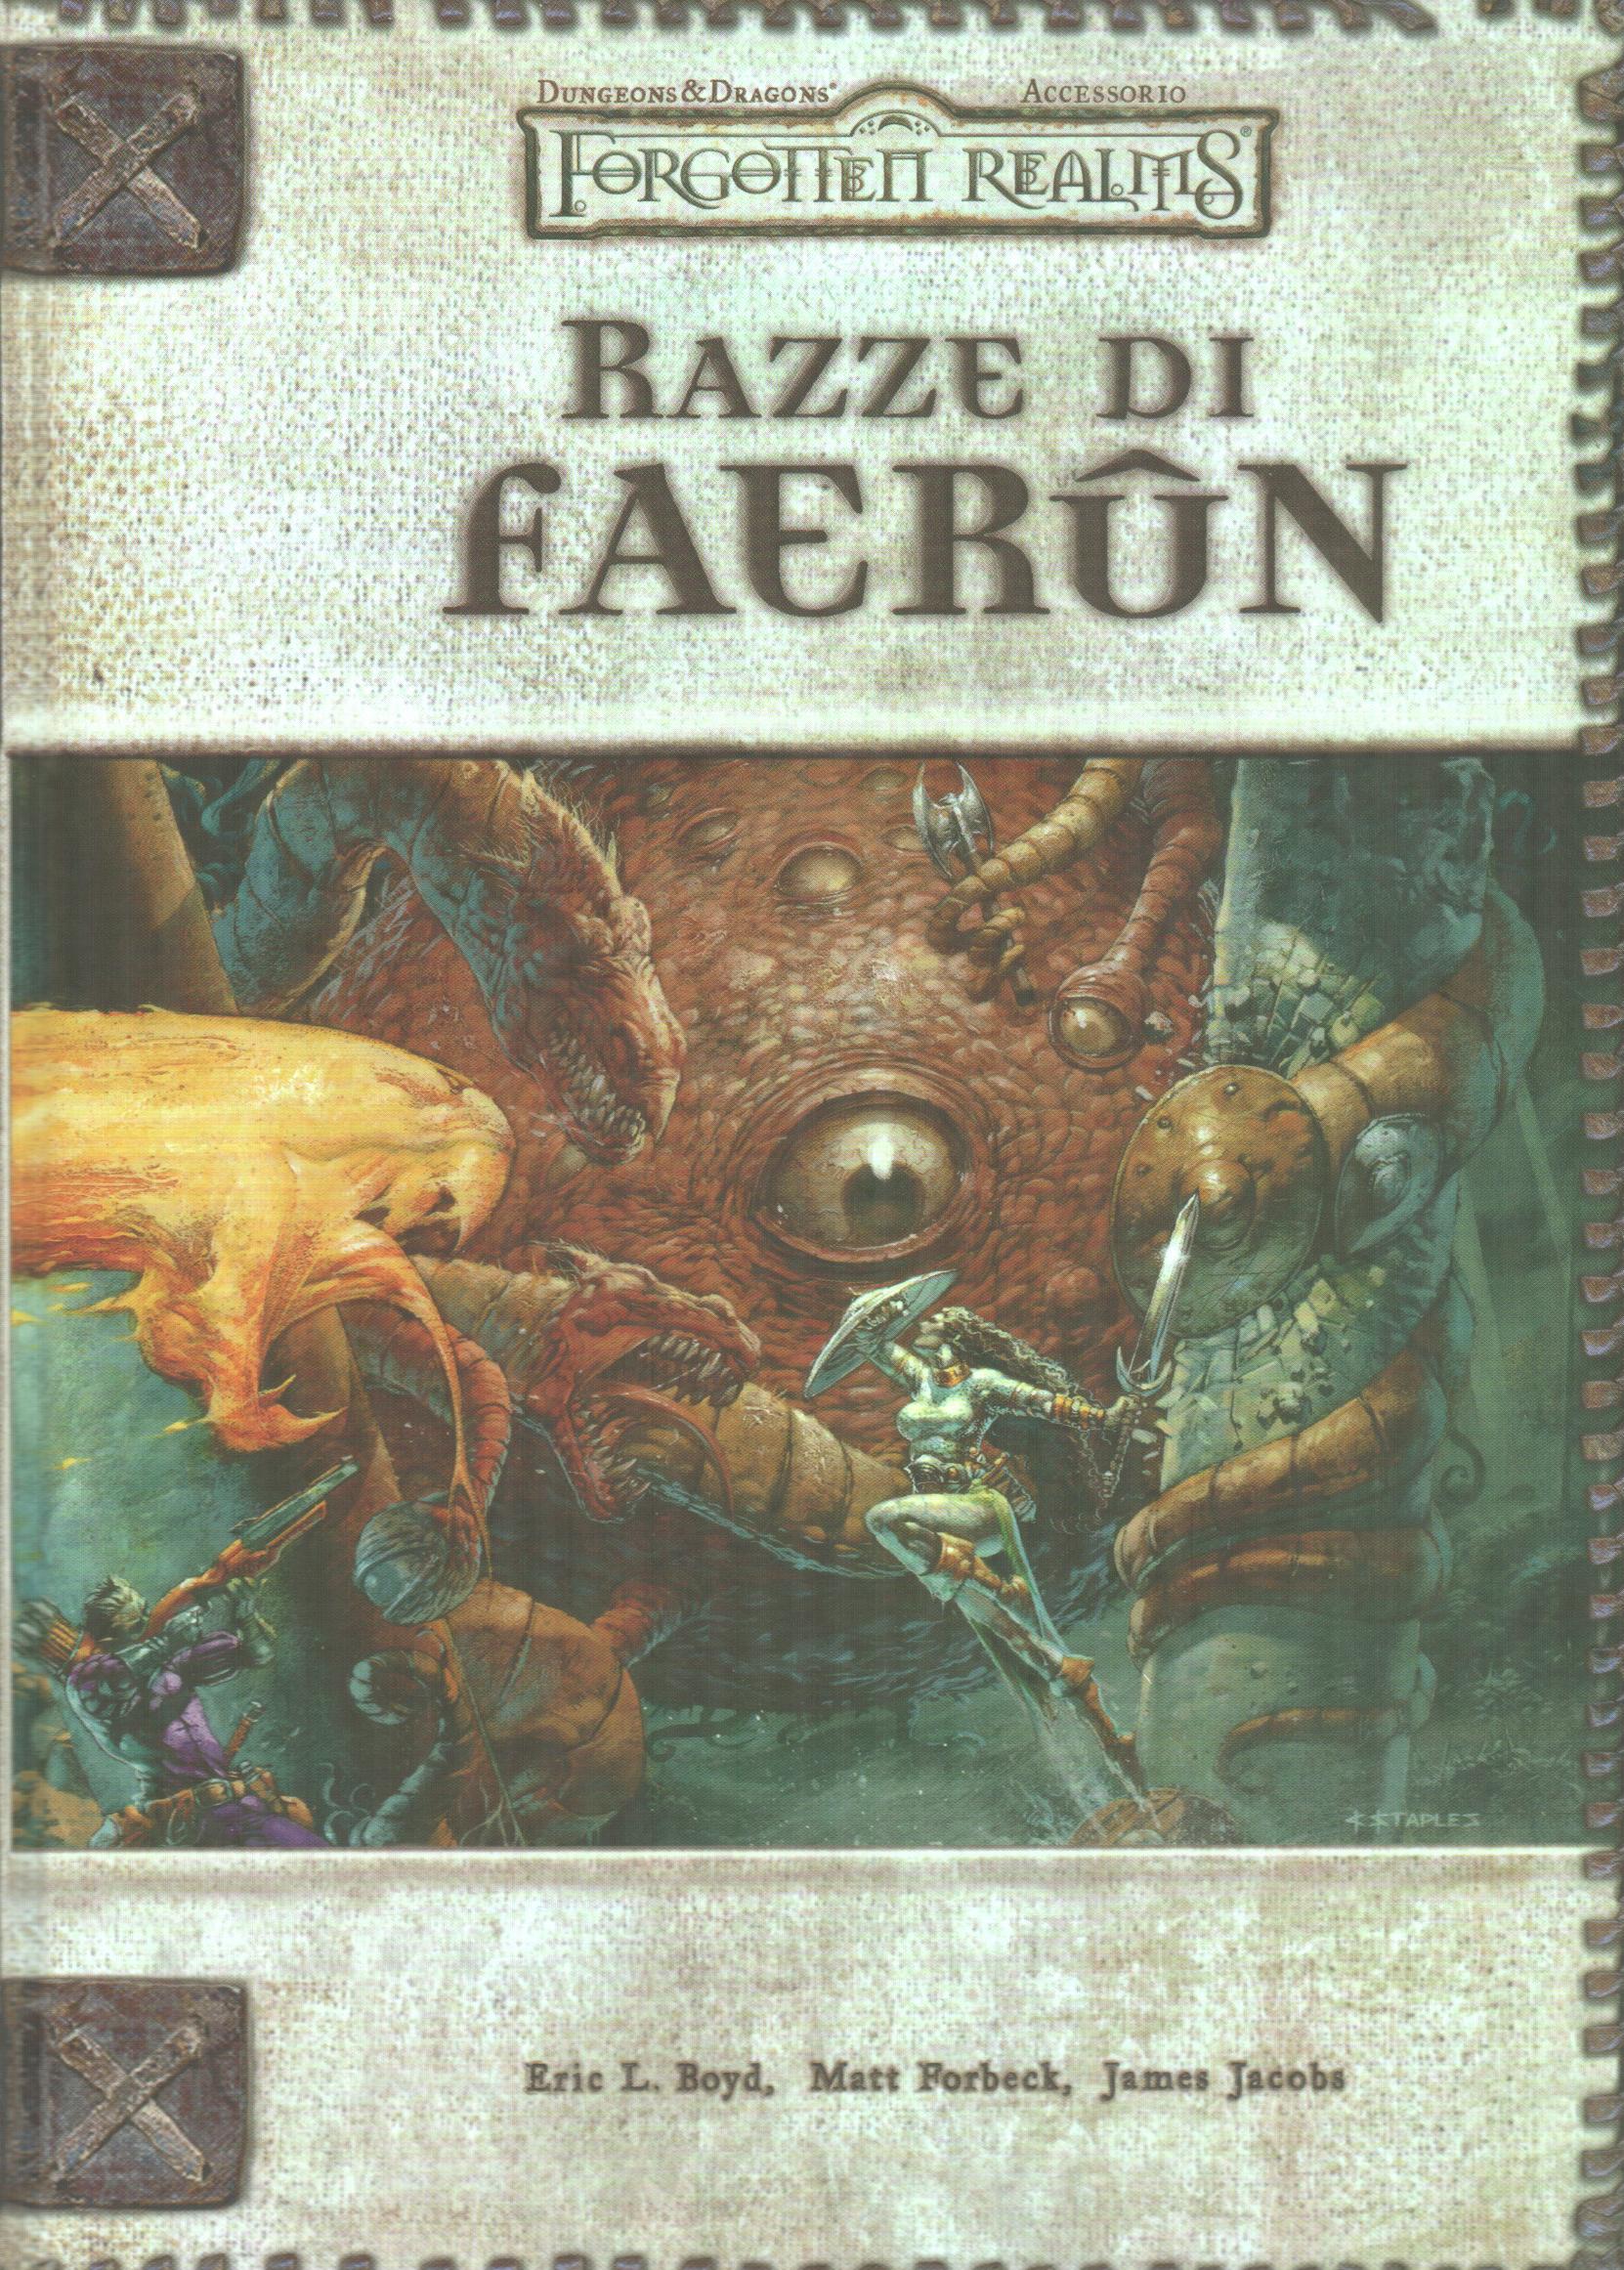 Razze di Faerun